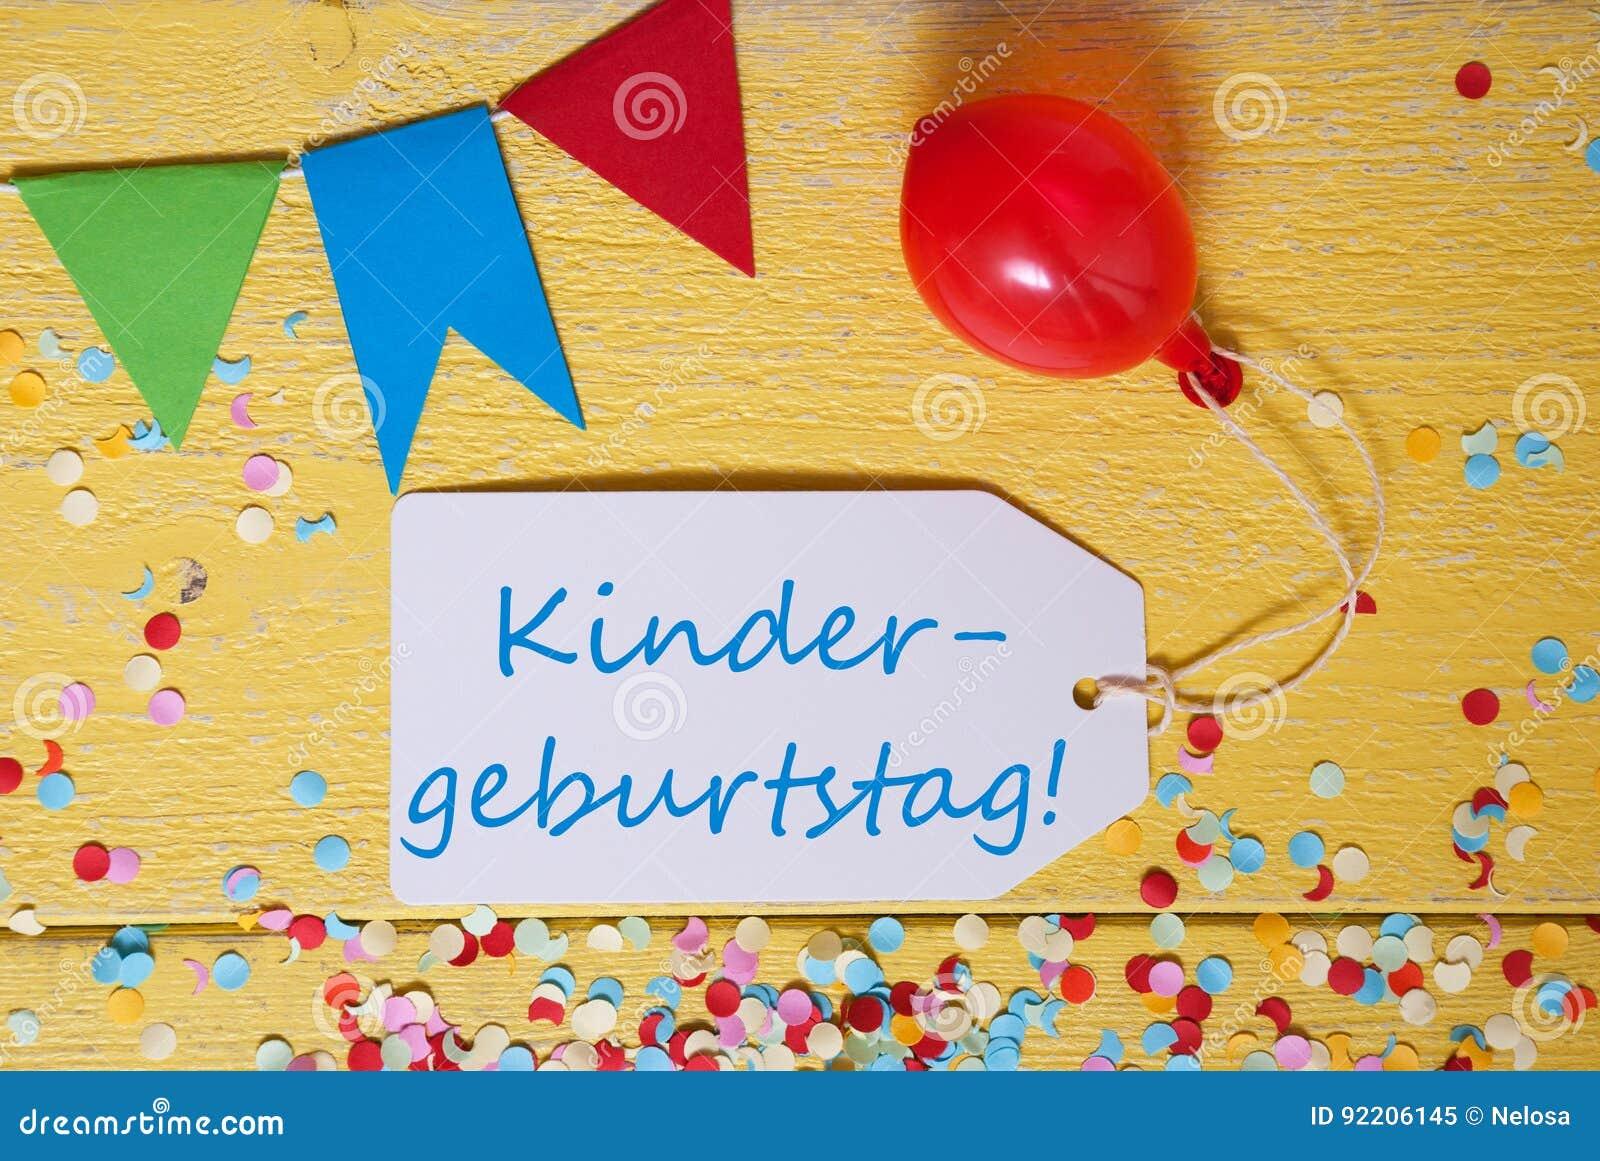 Label, Confetti, Balloon, Kindergeburtstag Means Children